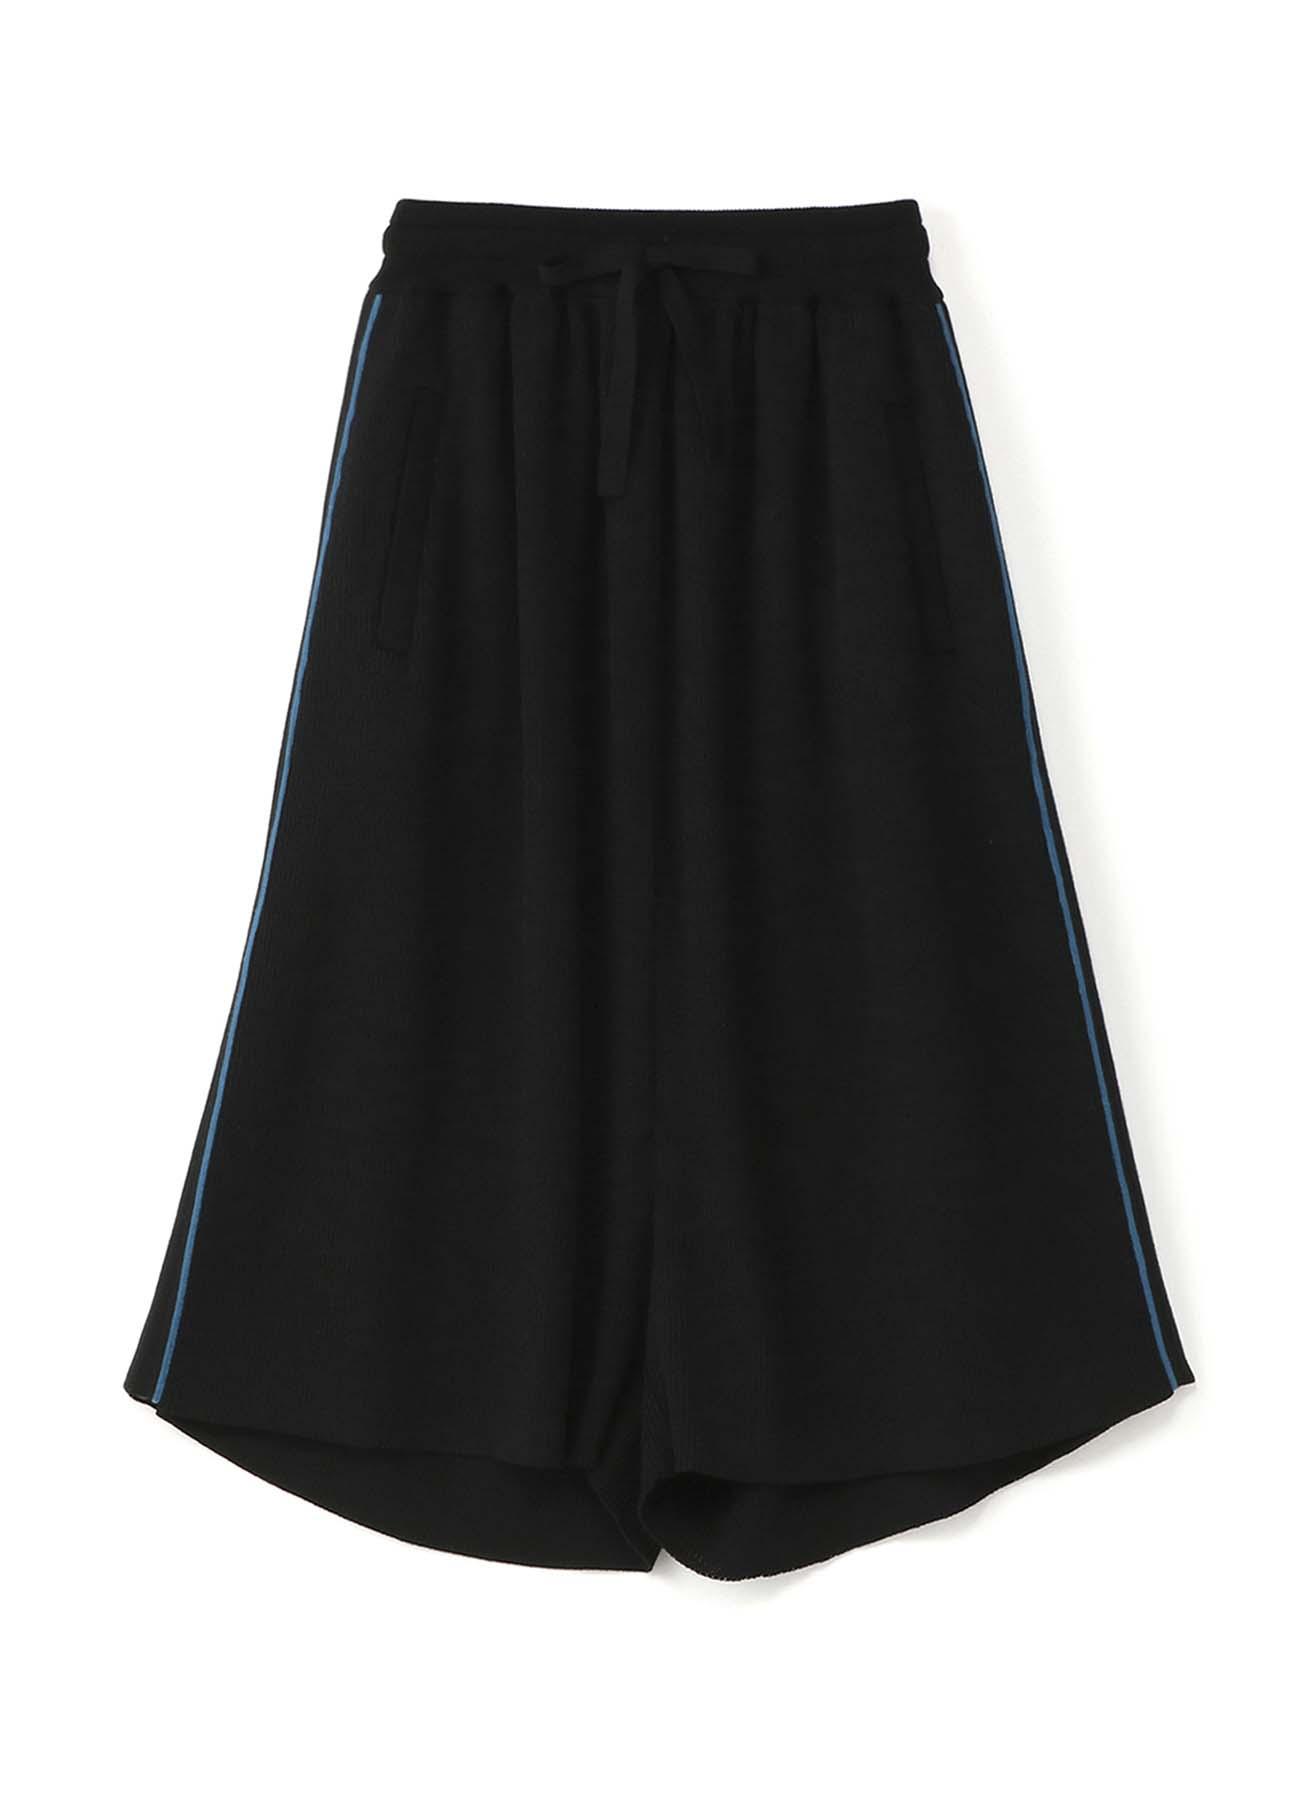 RISMATbyY's 裤线配色羊毛宽裤